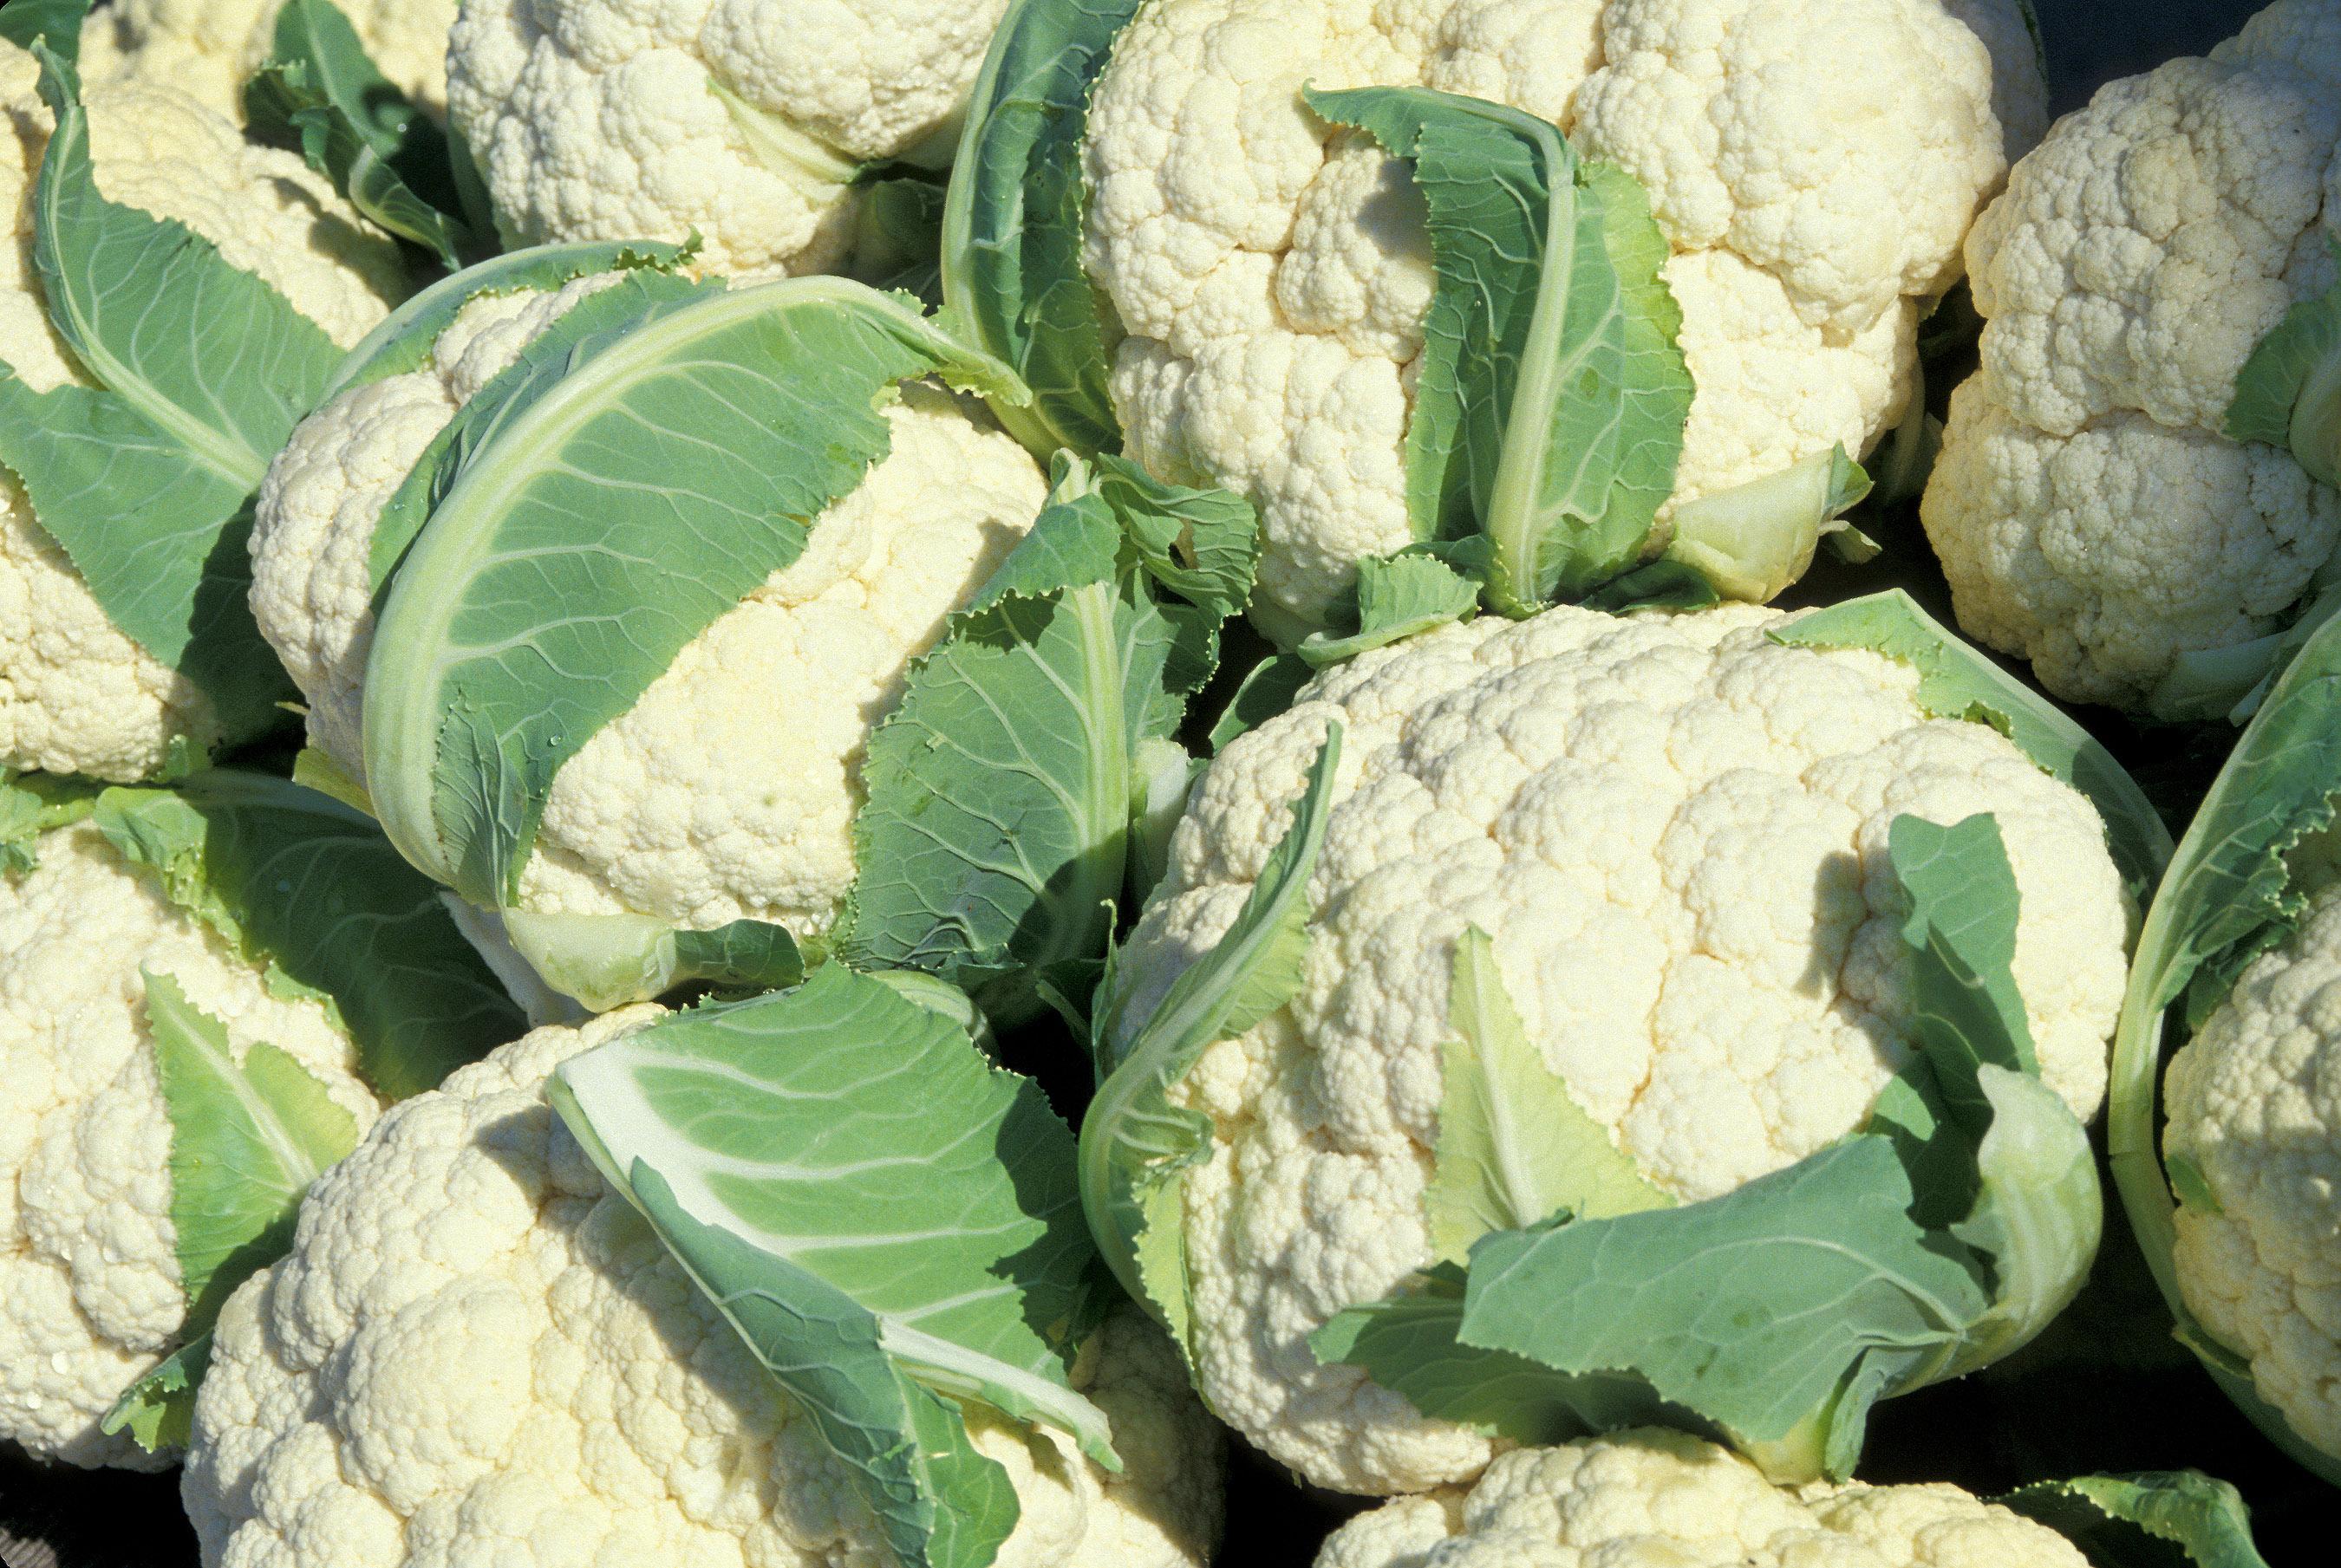 Хорошая рассада цветной капусты — залог богатого урожая